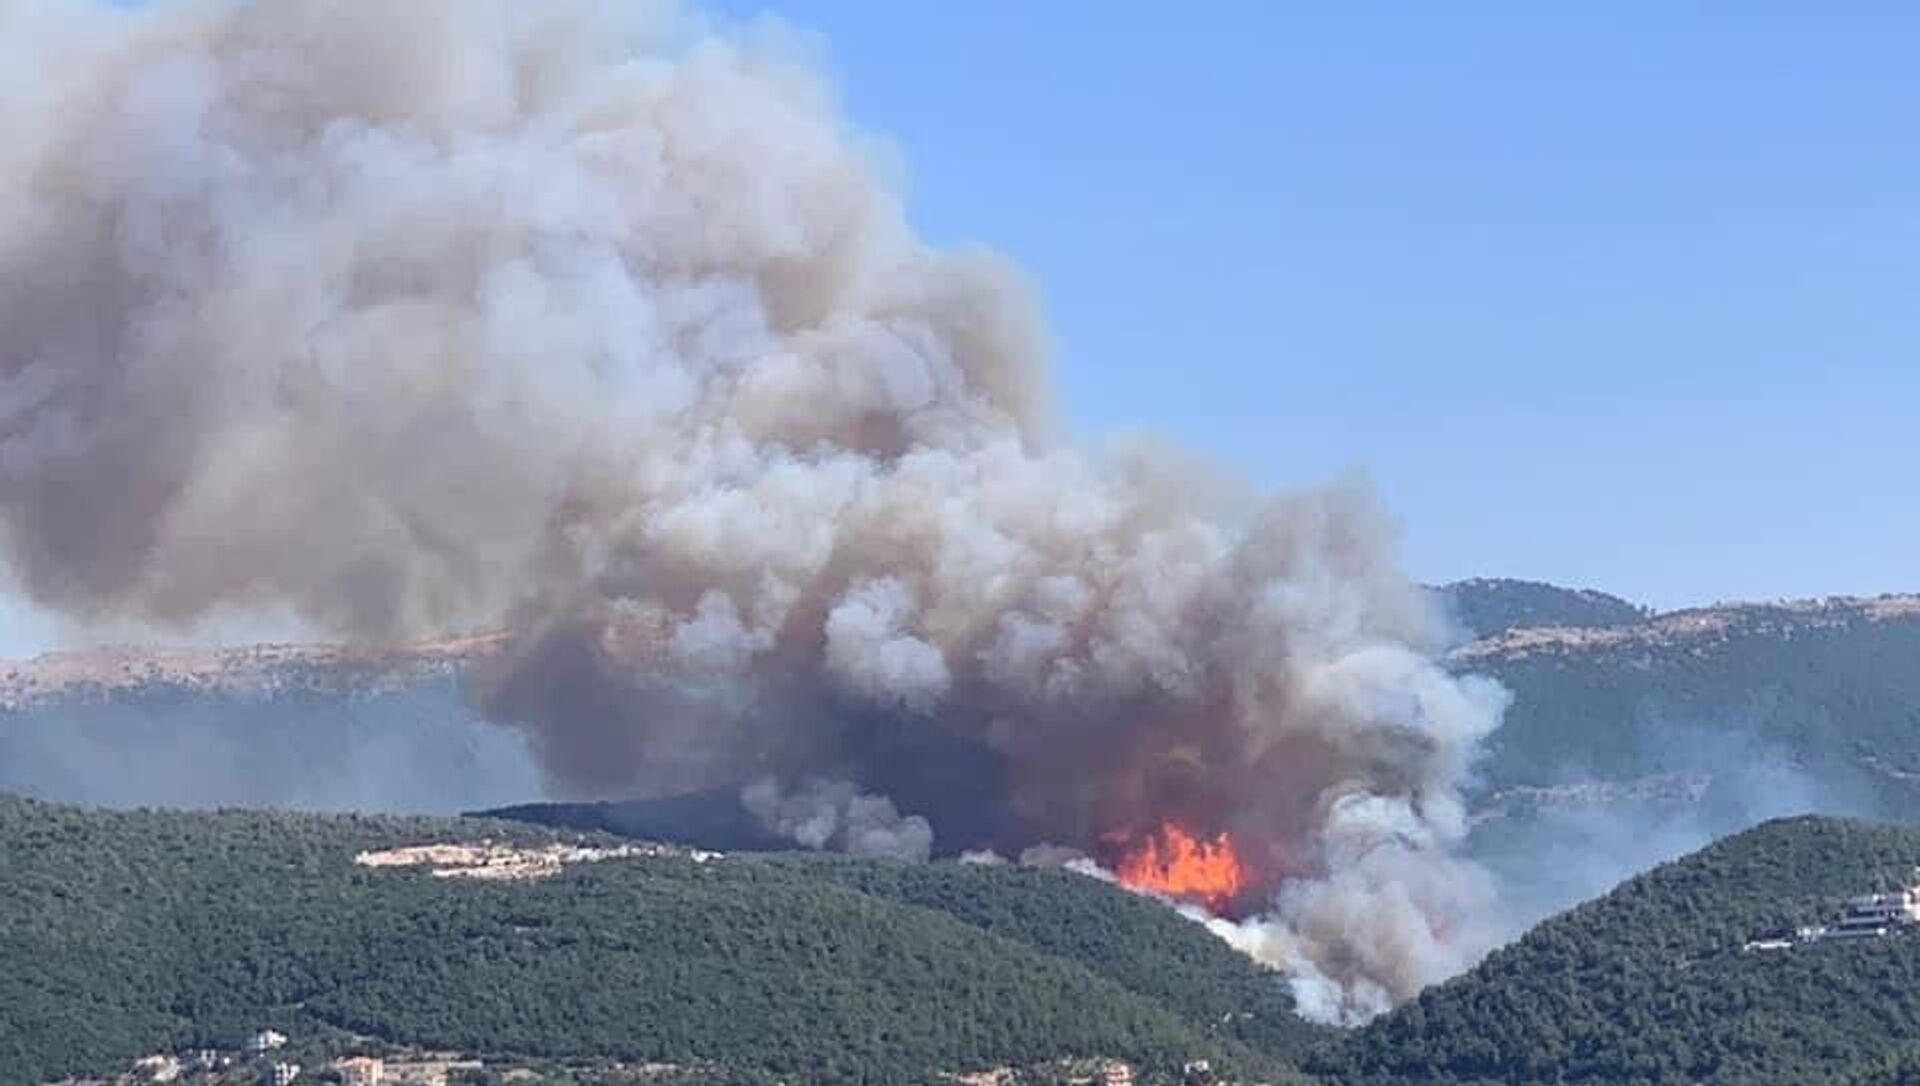 Lübnan'da orman yangını: Evlere ve çiftliklere sıçradı - Sputnik Türkiye, 1920, 28.07.2021